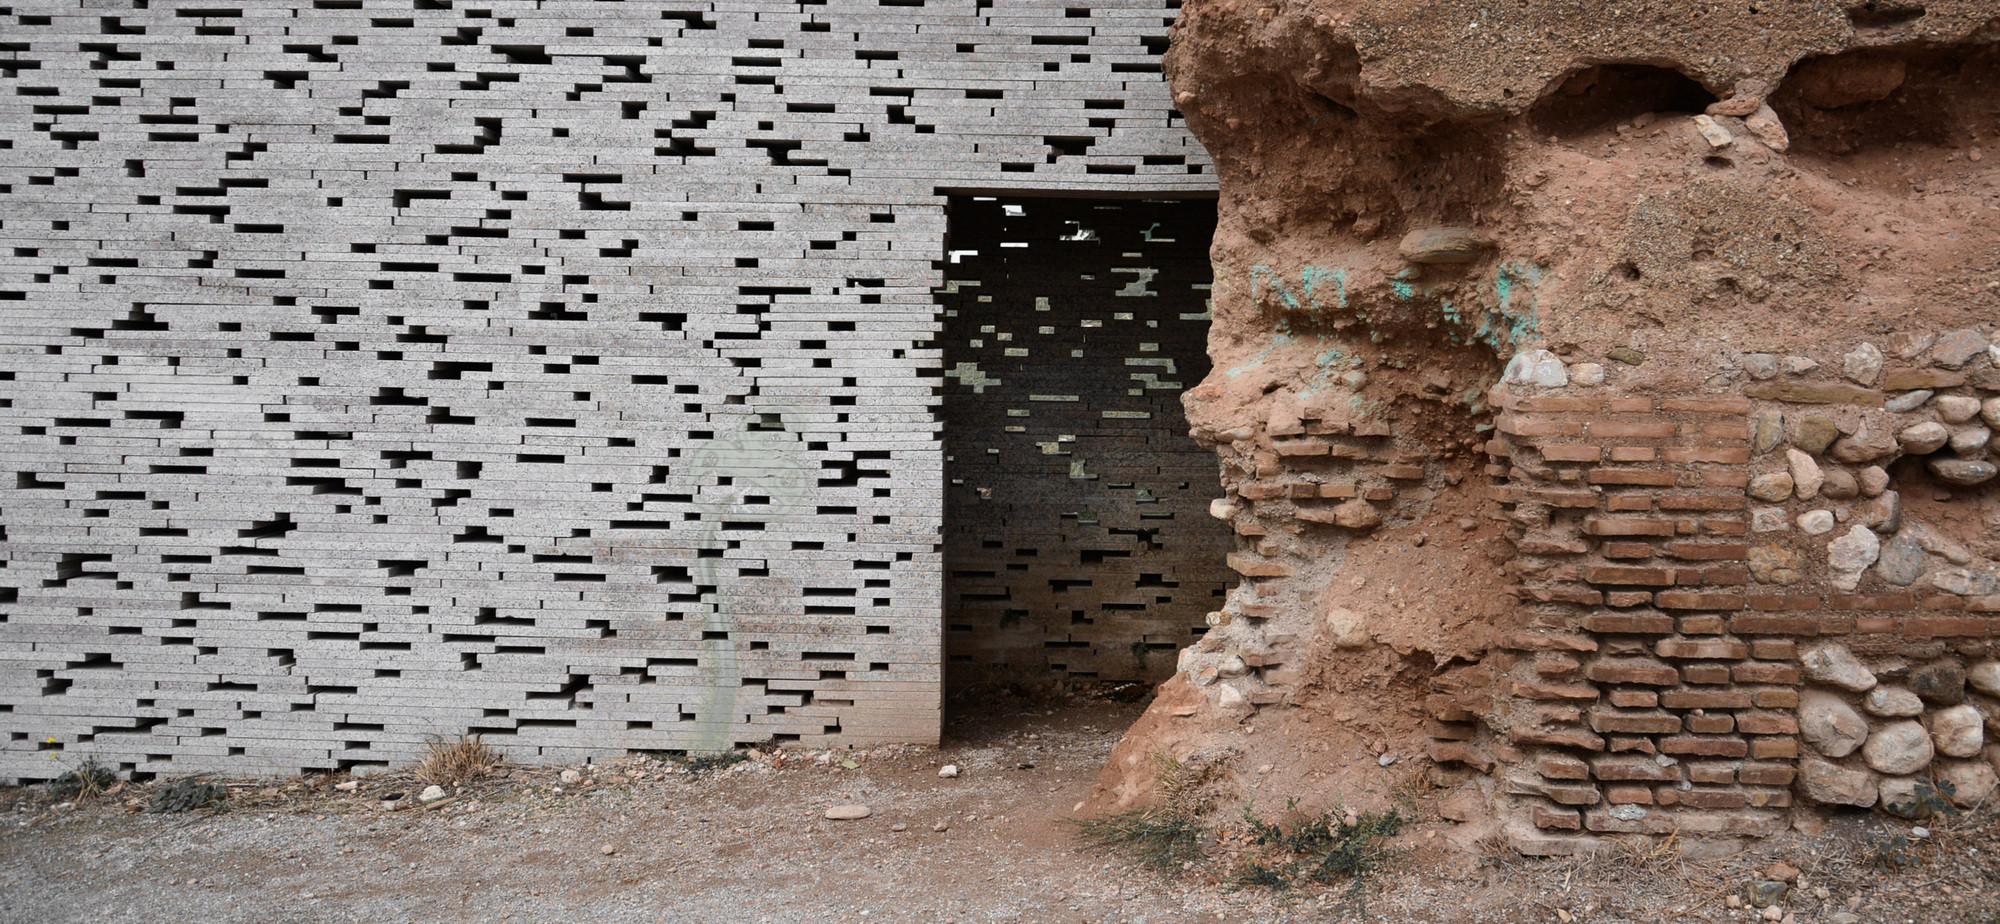 Muralla Nazarí en el Alto Albaicín. Image © David Arredondo y Alberto García